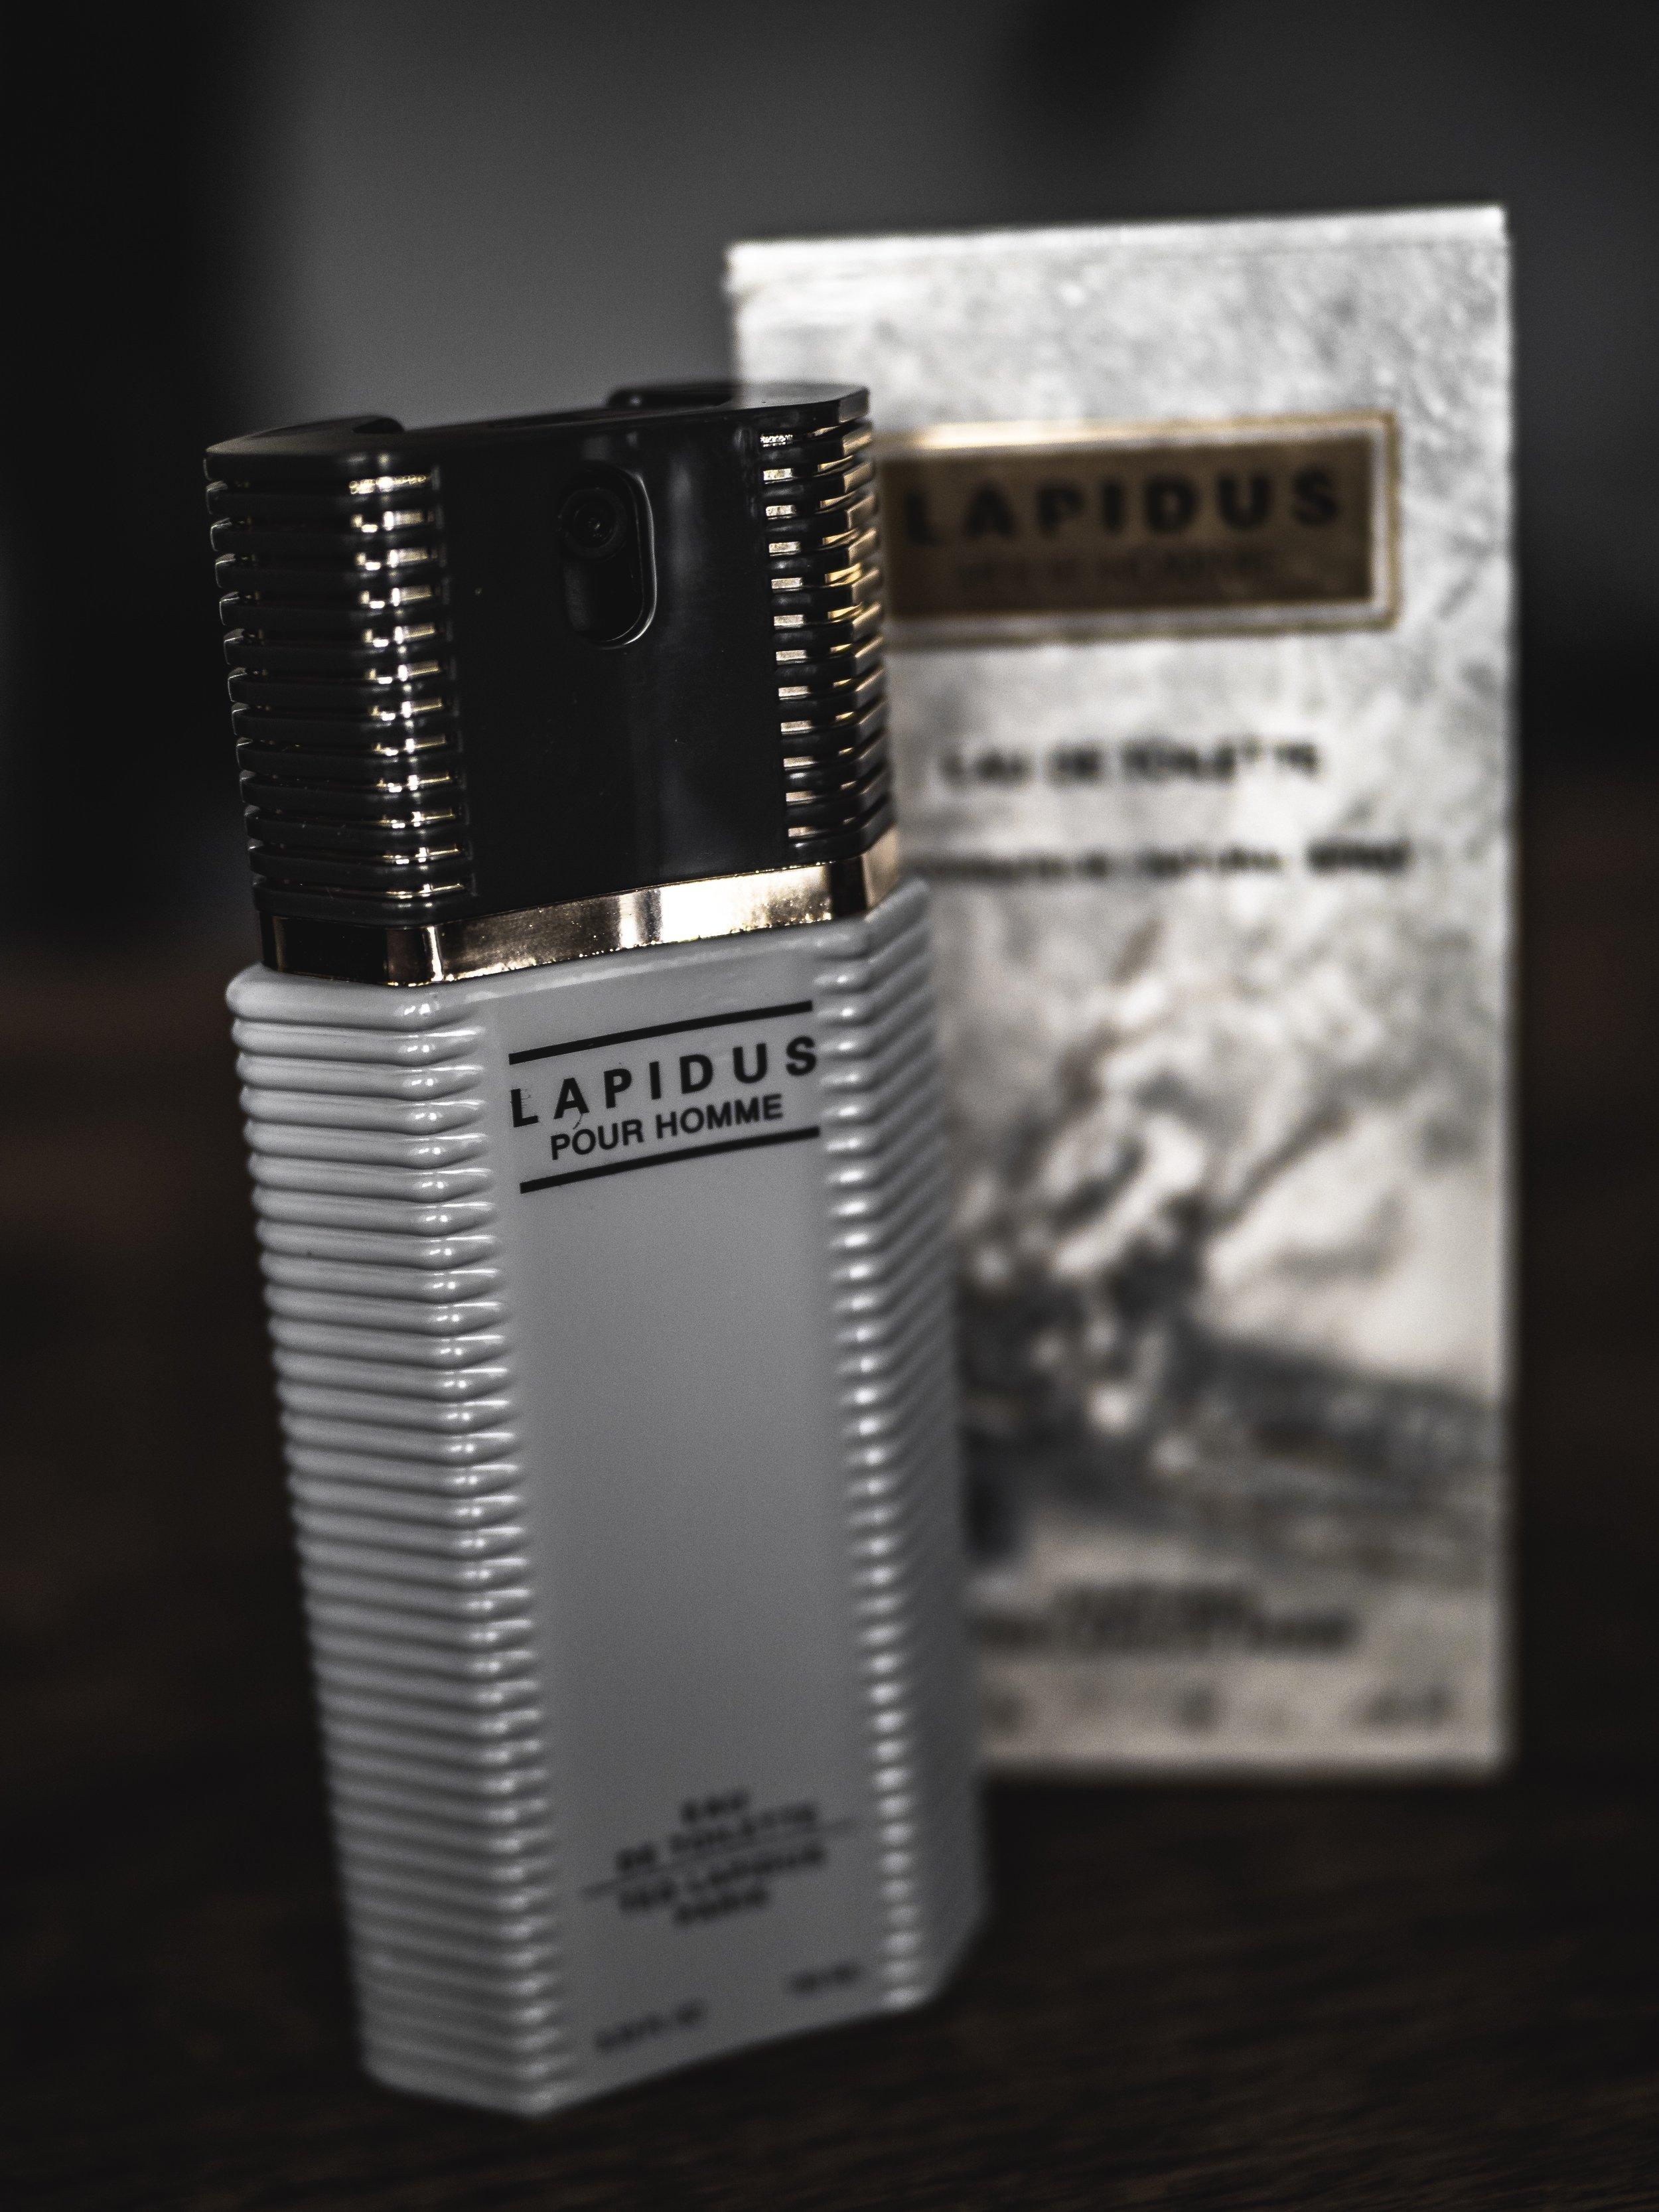 Lapidus Pour Homme Review 1987 Classic Retro Fragrance Scent